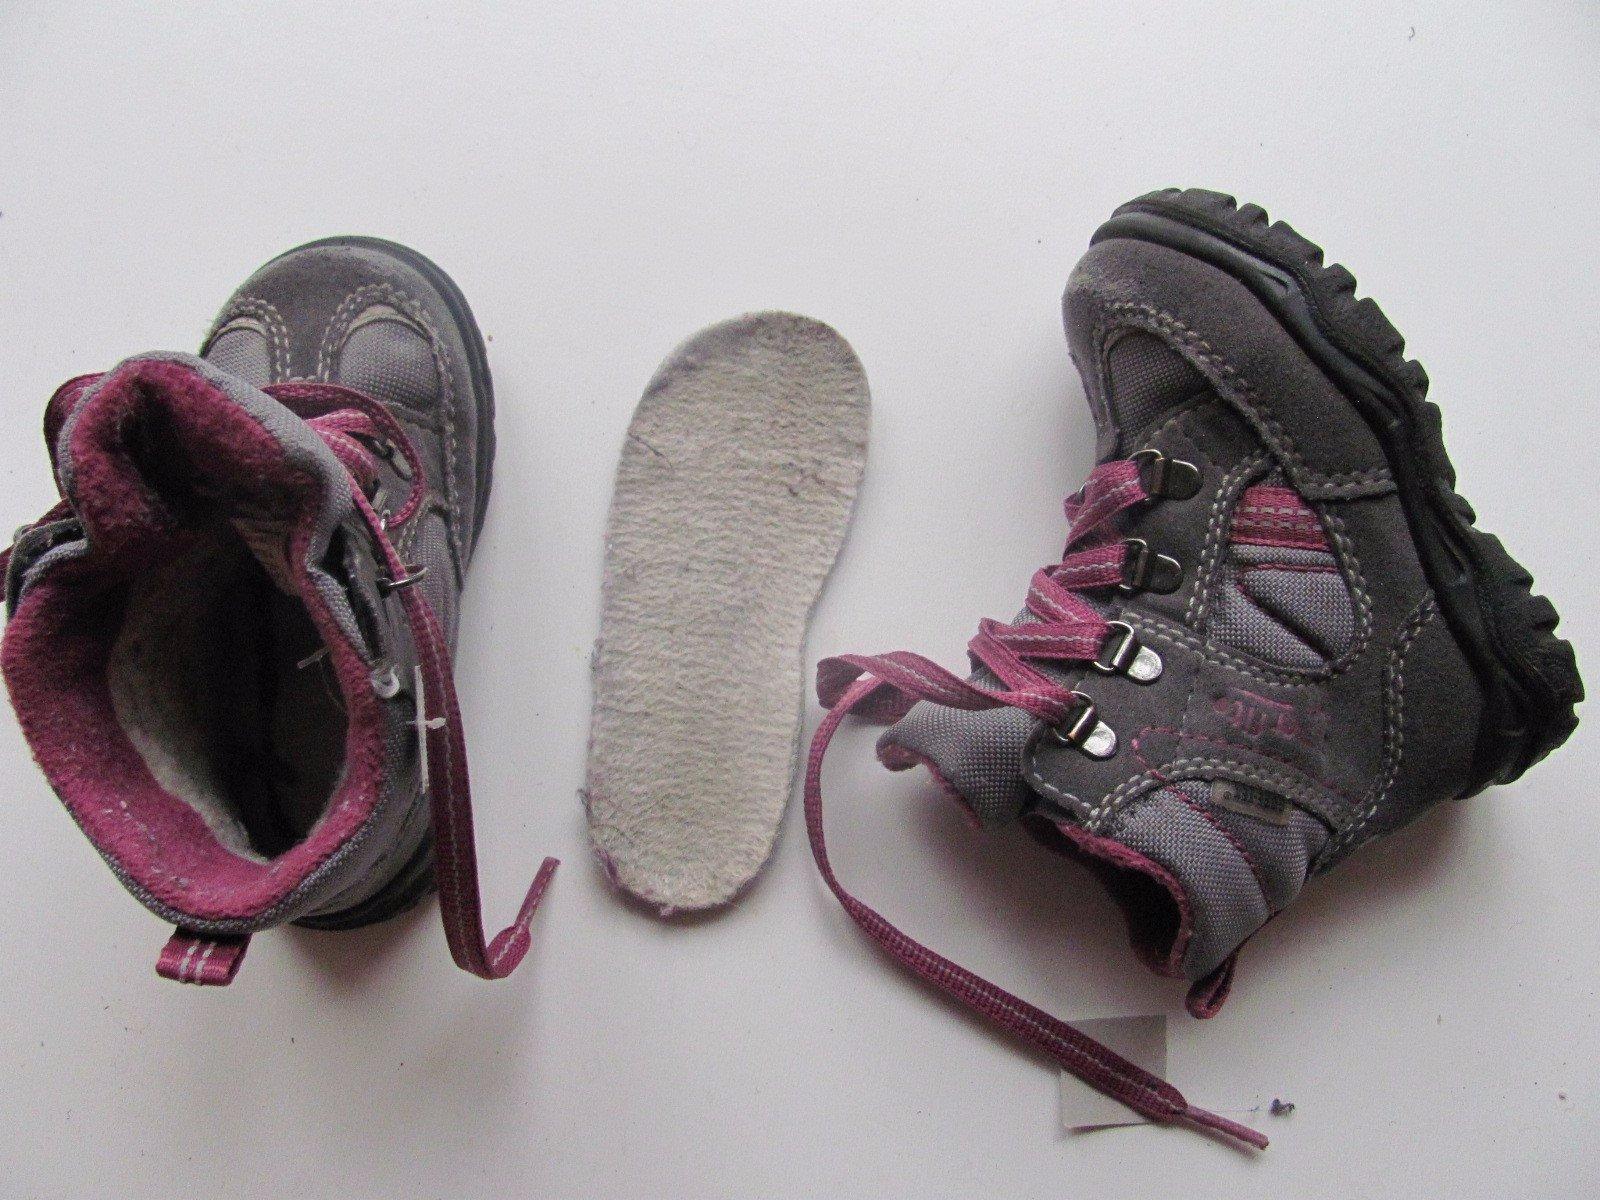 Zobraz celé podmínky. Dětská zimní obuv gore-tex superfit č. 546 ... d8c614d137